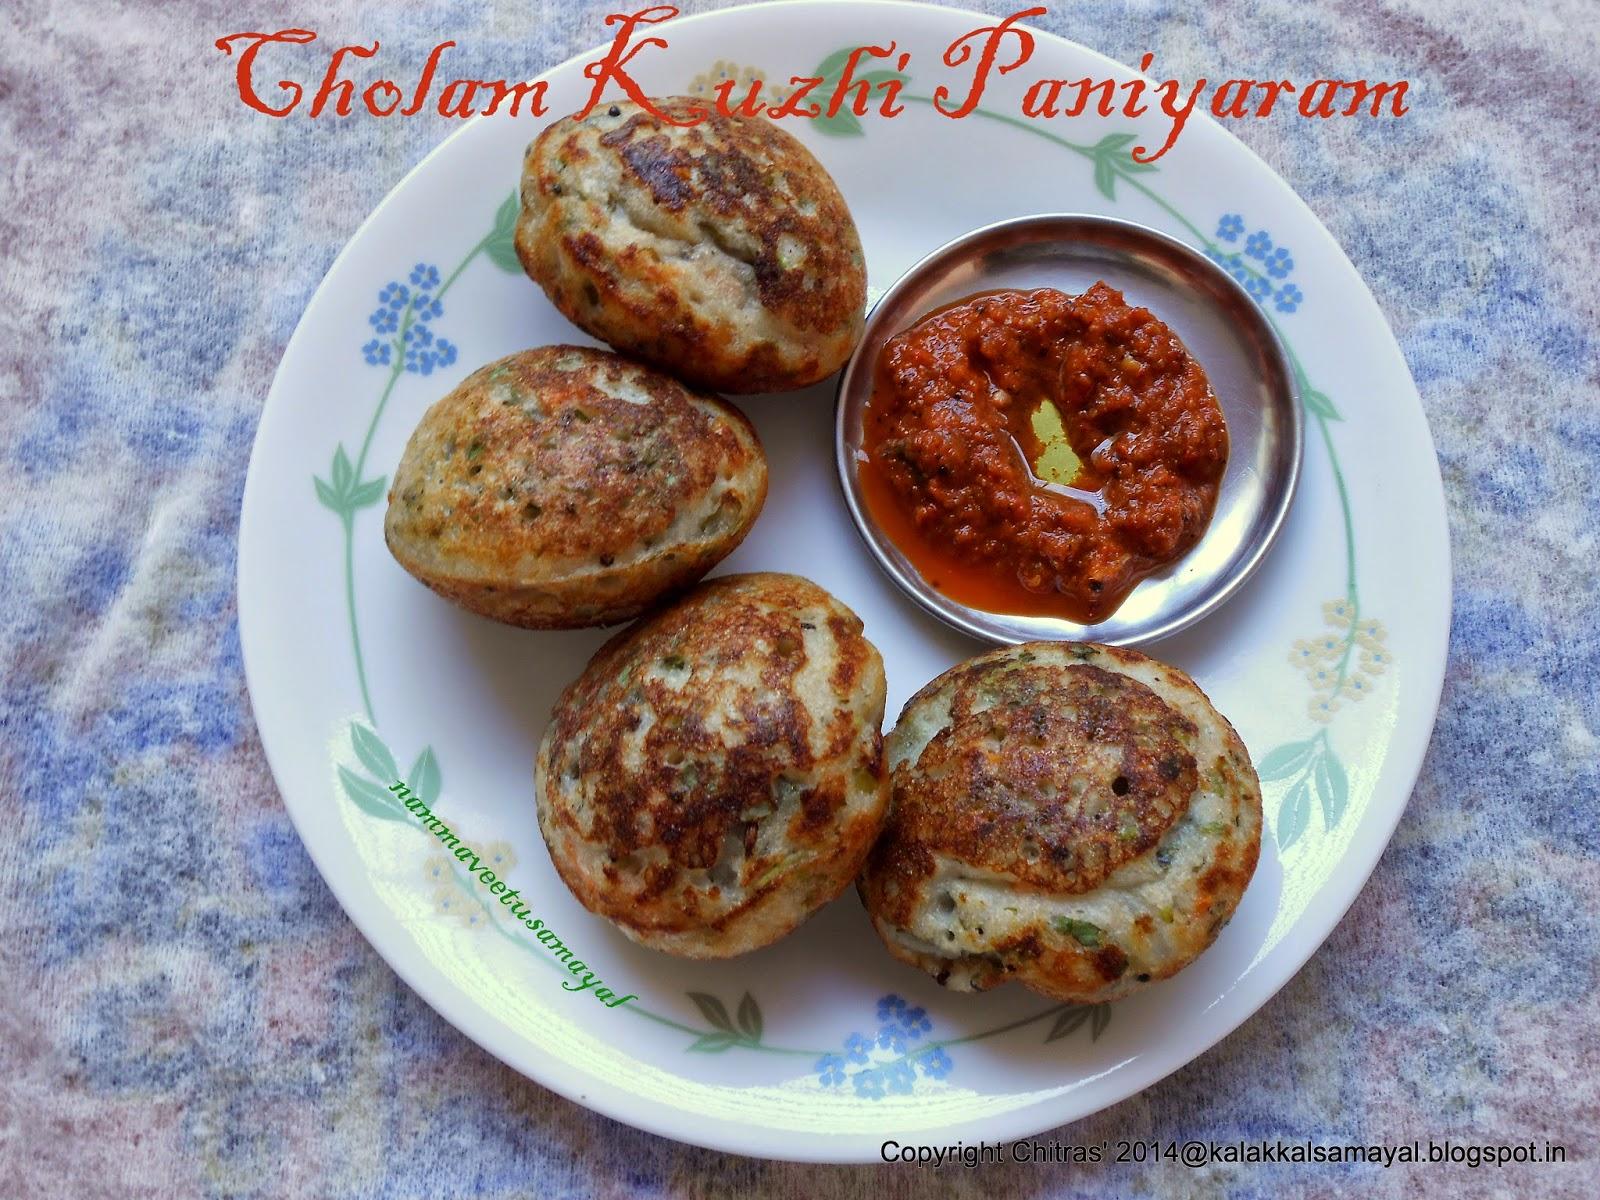 Cholam ( Jowar ) Kuzhi Paniyaram [ Sorghum Kuzhi Paniyaram]